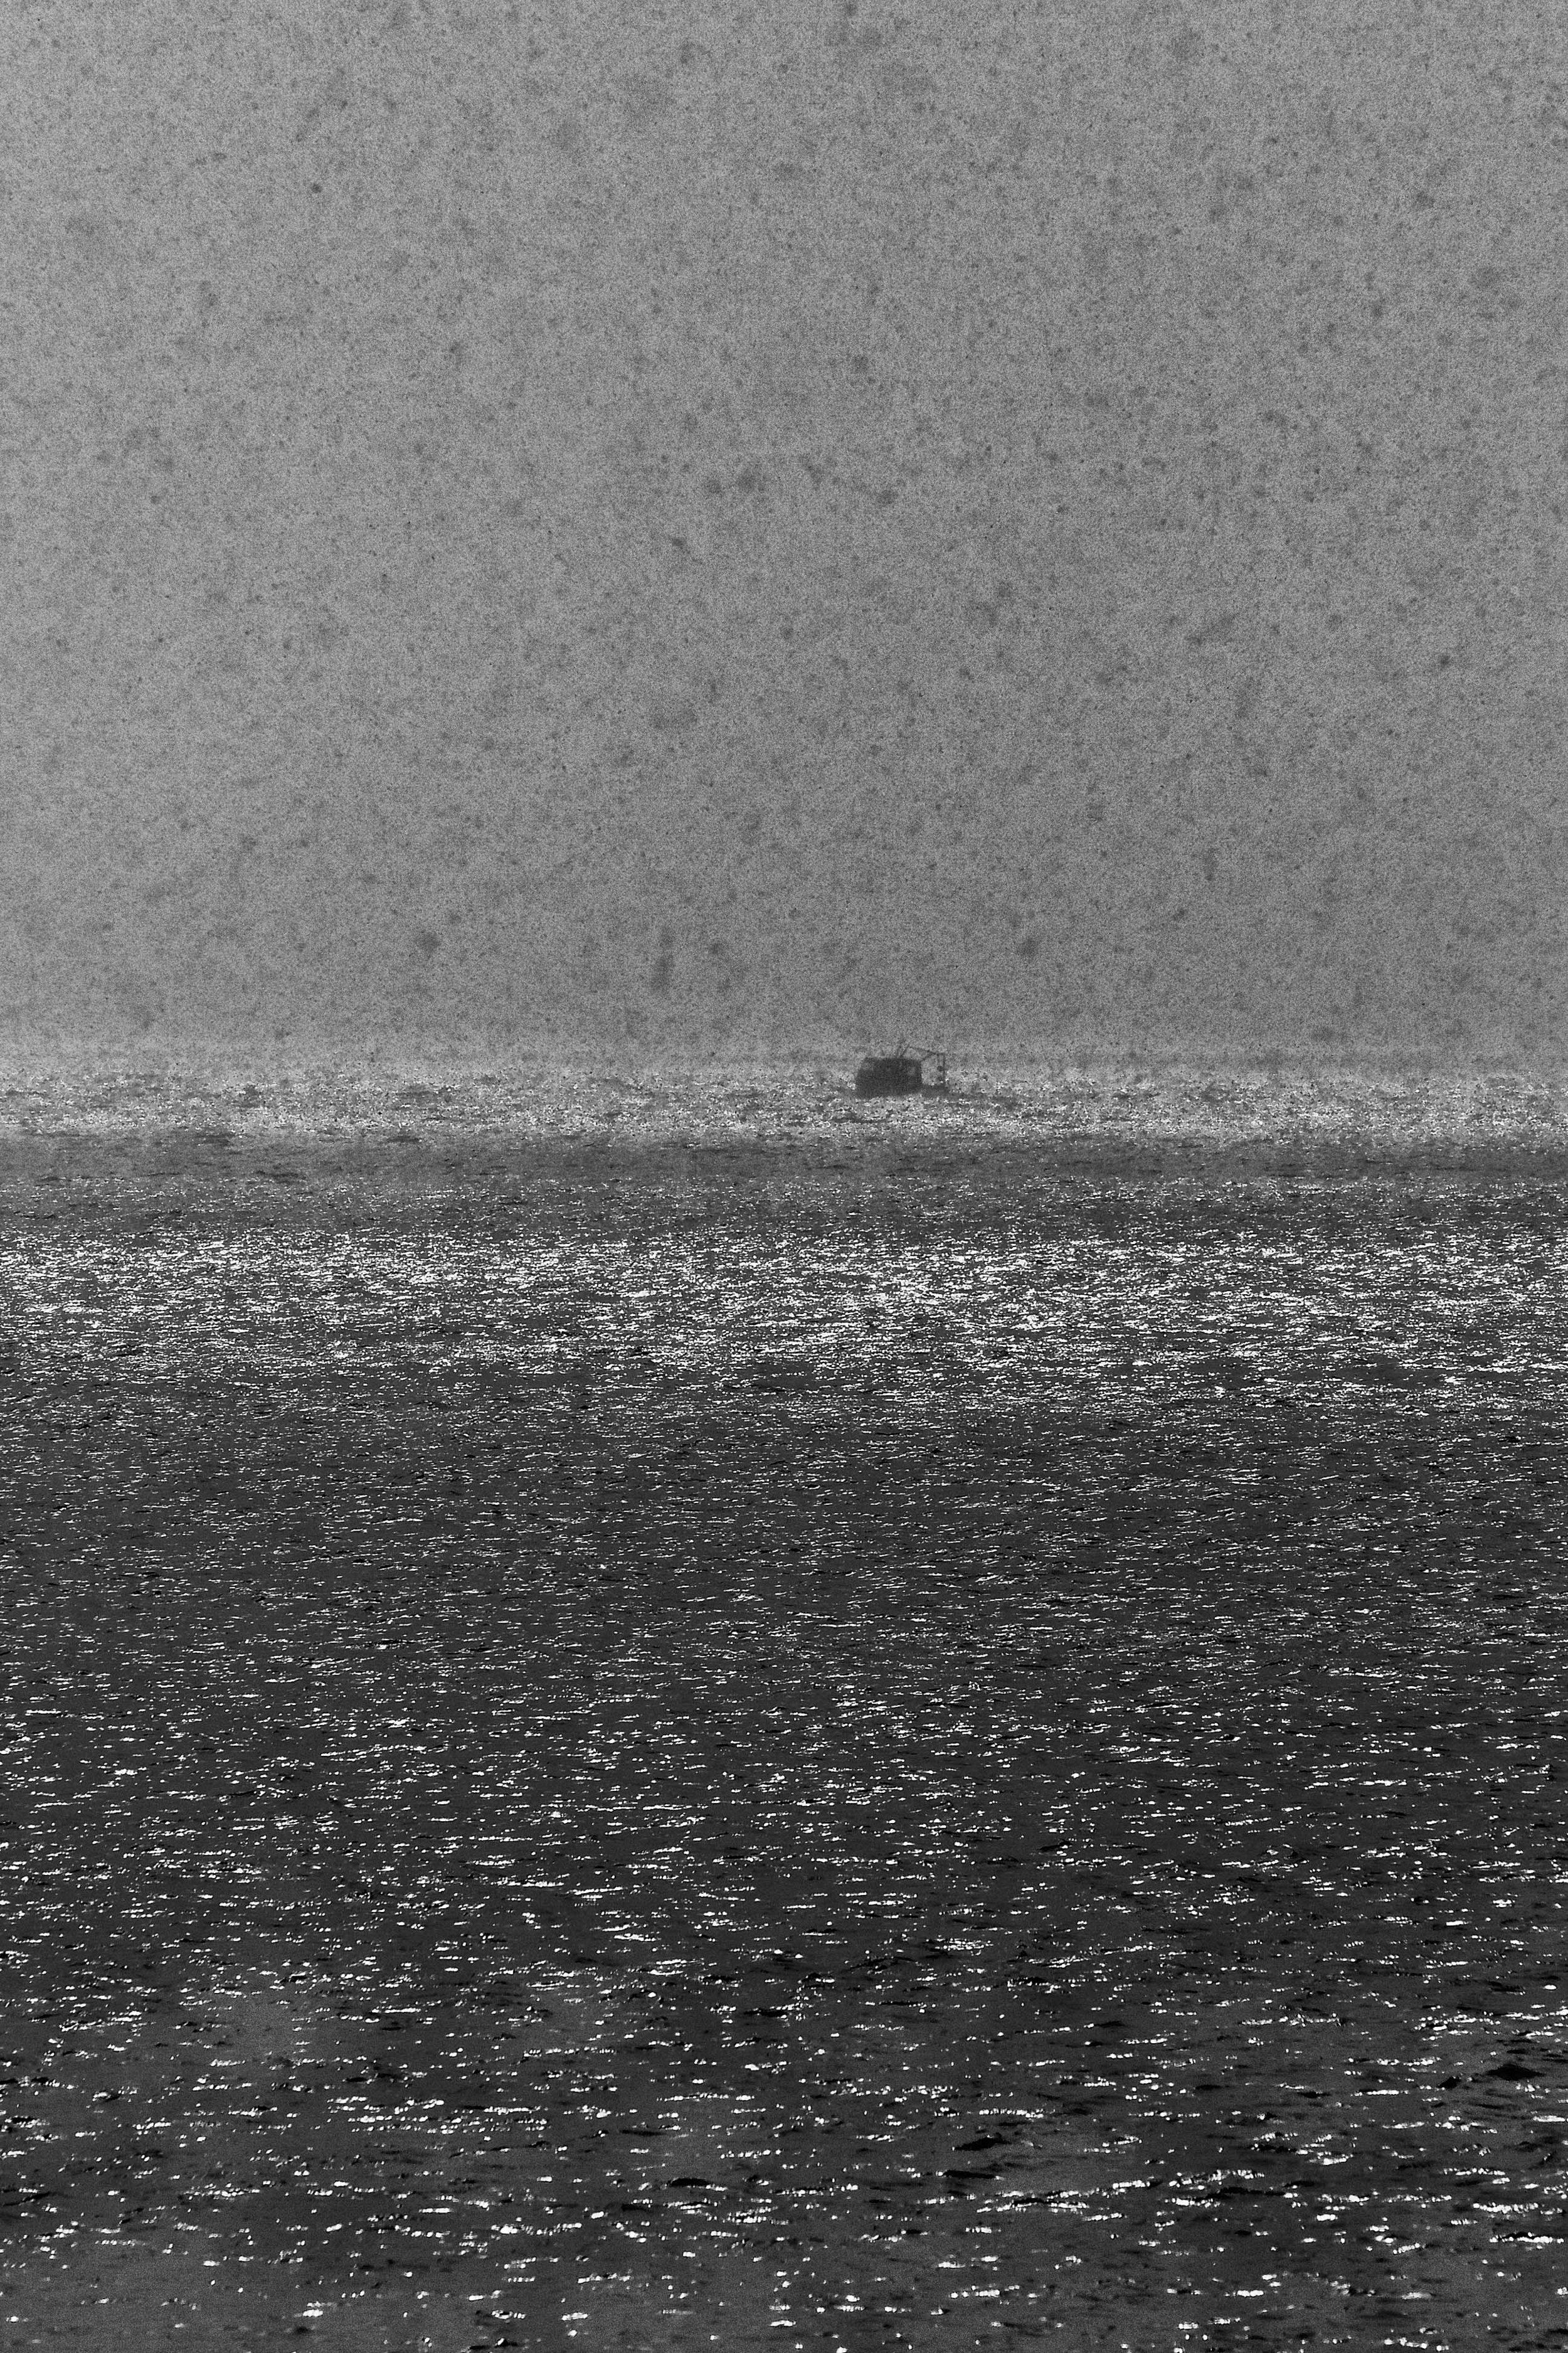 Fish Boat, Salish Sea Canada